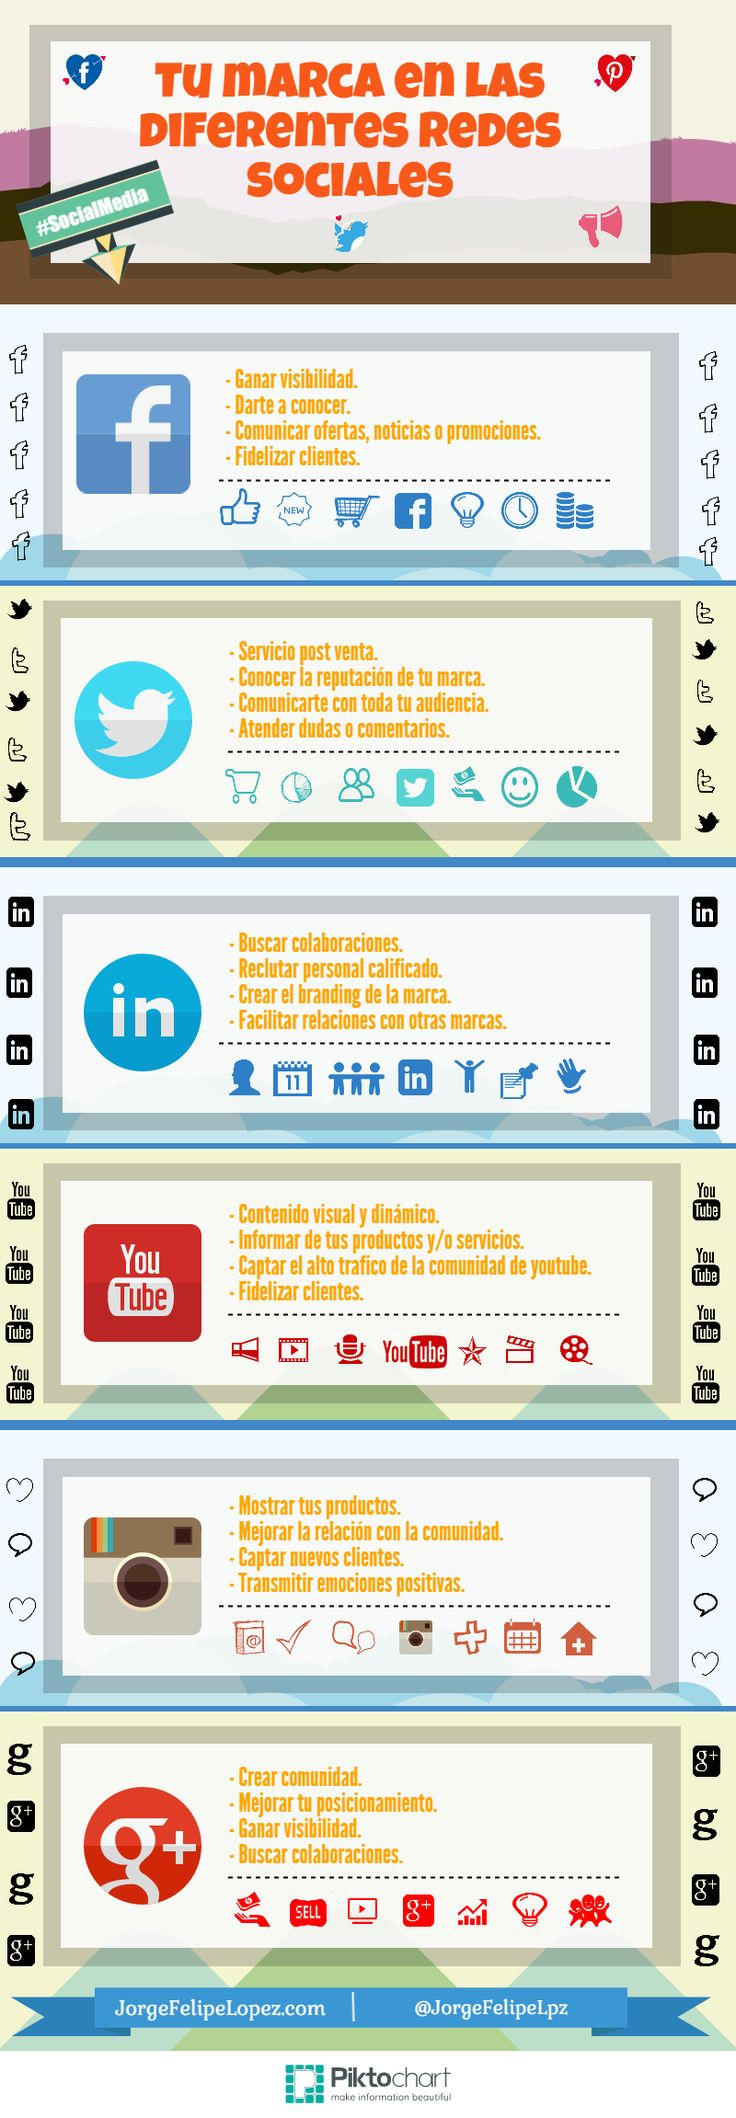 Hola: Una infografía sobre tu marca en las diferentes Redes Sociales. Vía Un saludo